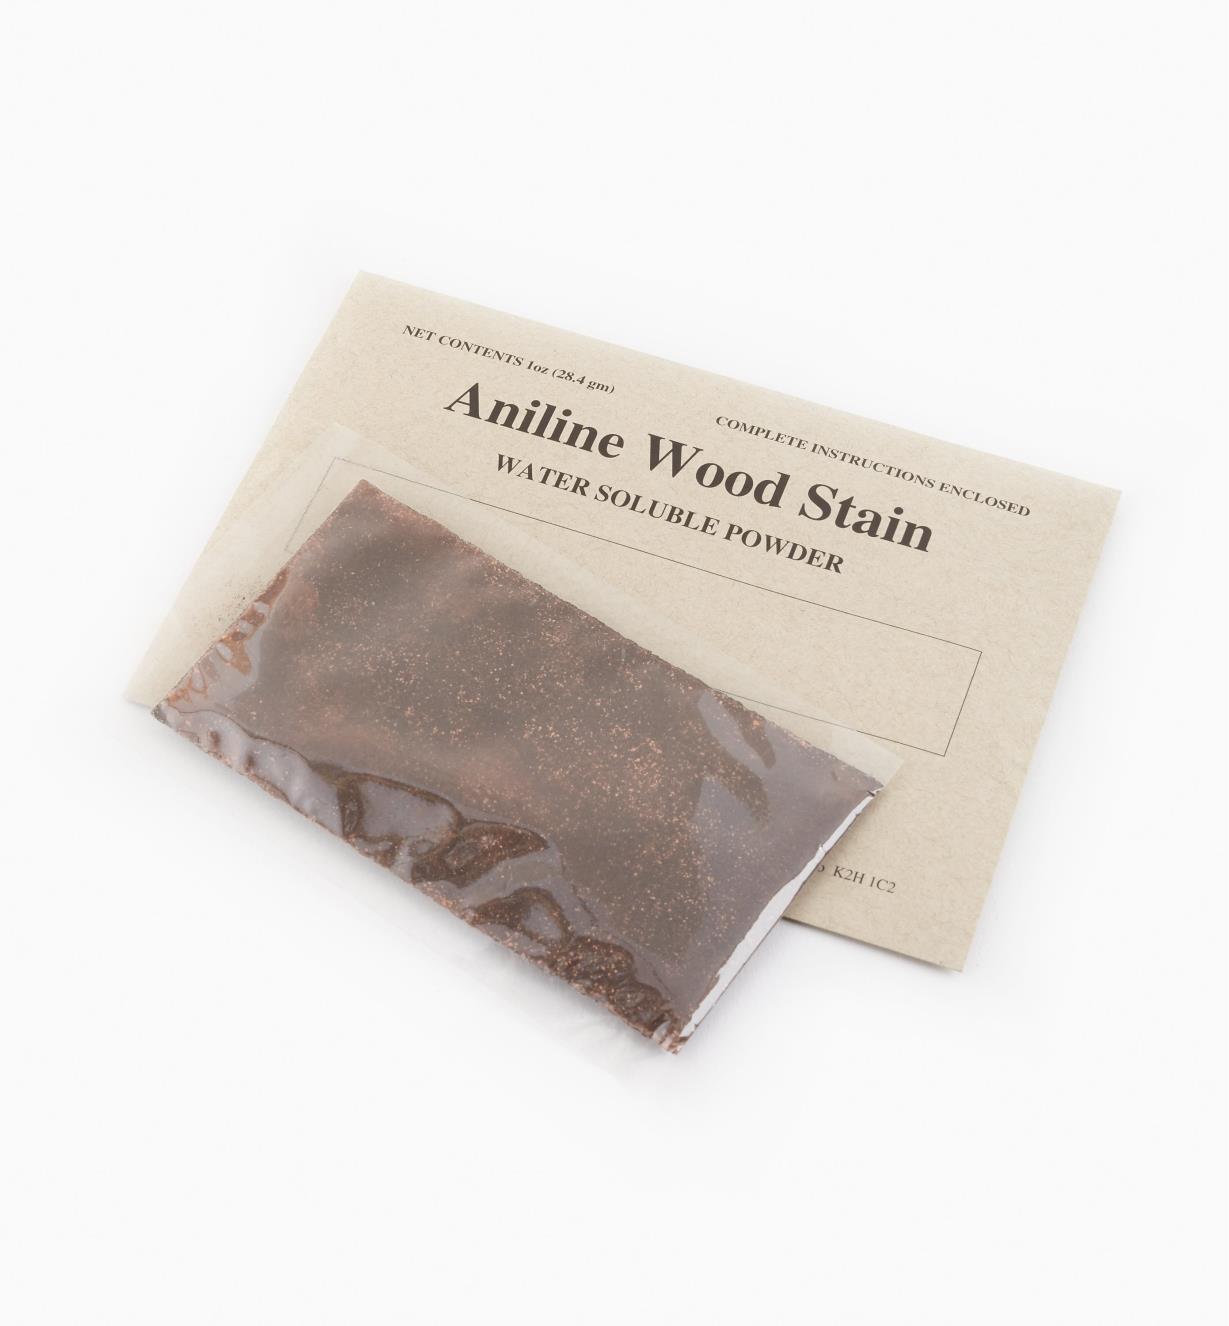 56Z0601 - Teinture d'aniline, pin doré antique